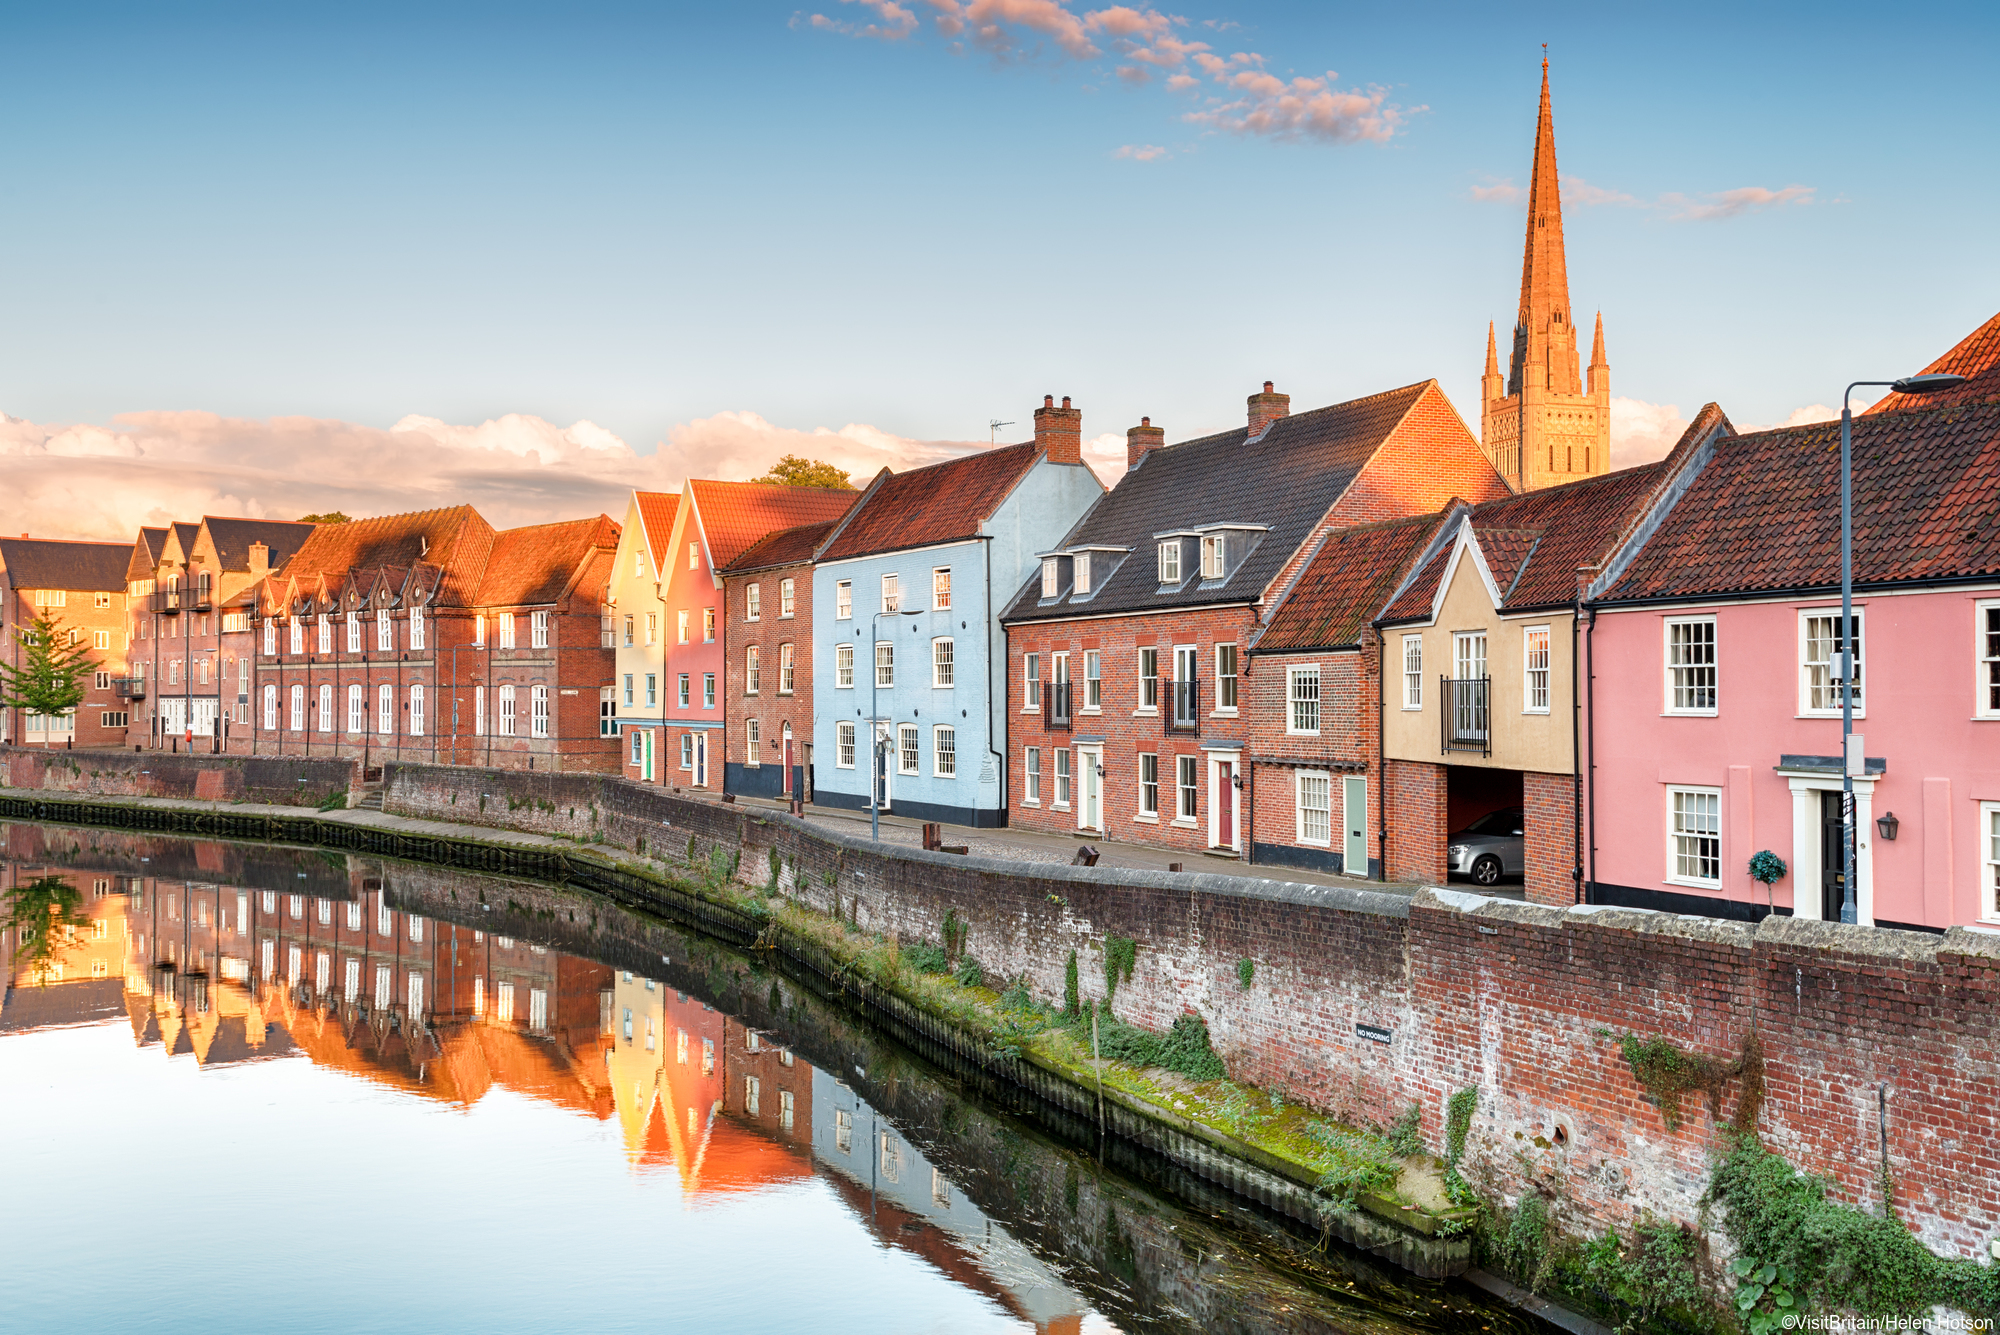 dating sites Norwich Norfolk Dating Birmingham zilveren kenmerken